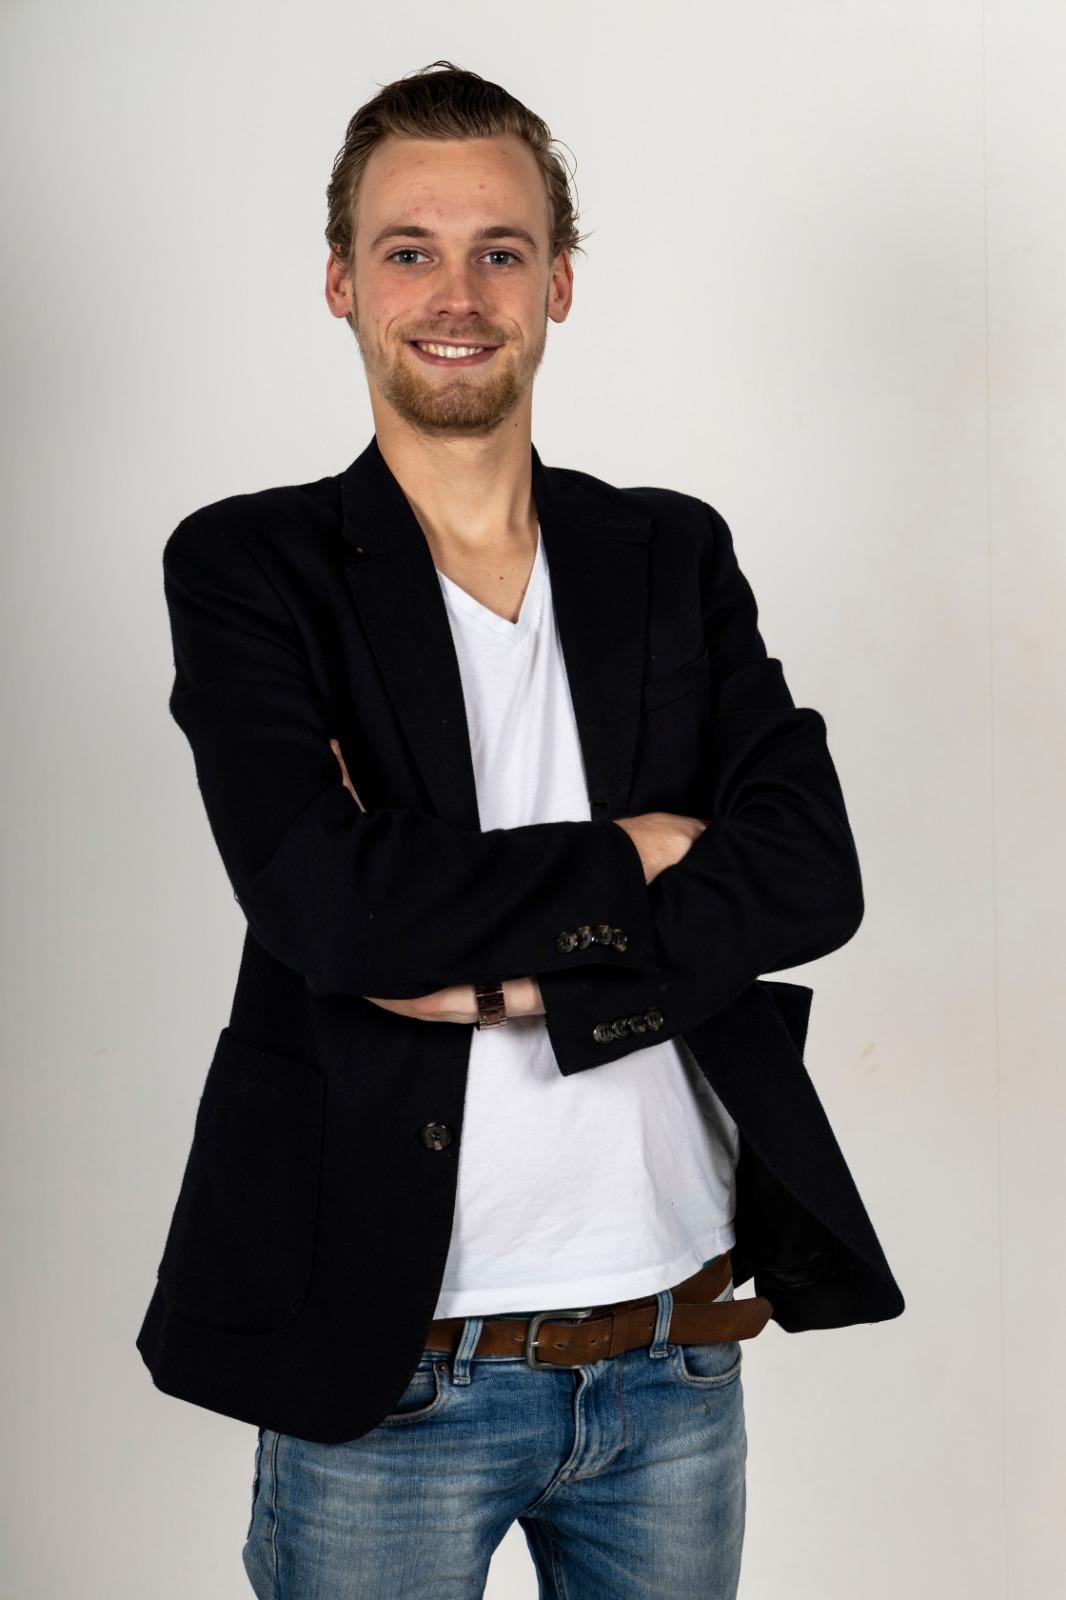 Bodi Greefhorst